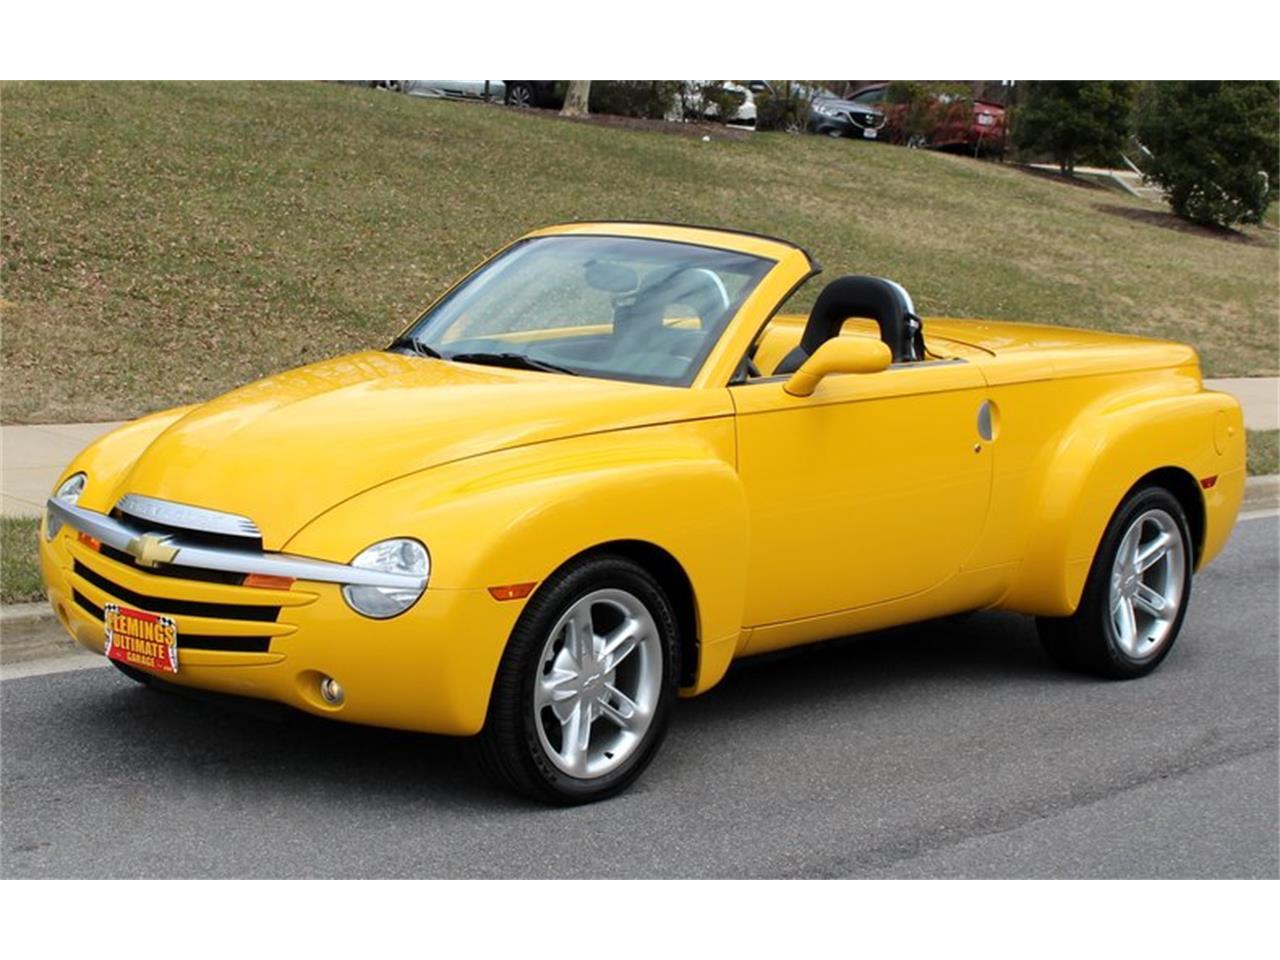 For Sale: 2004 Chevrolet SSR in Rockville, Maryland